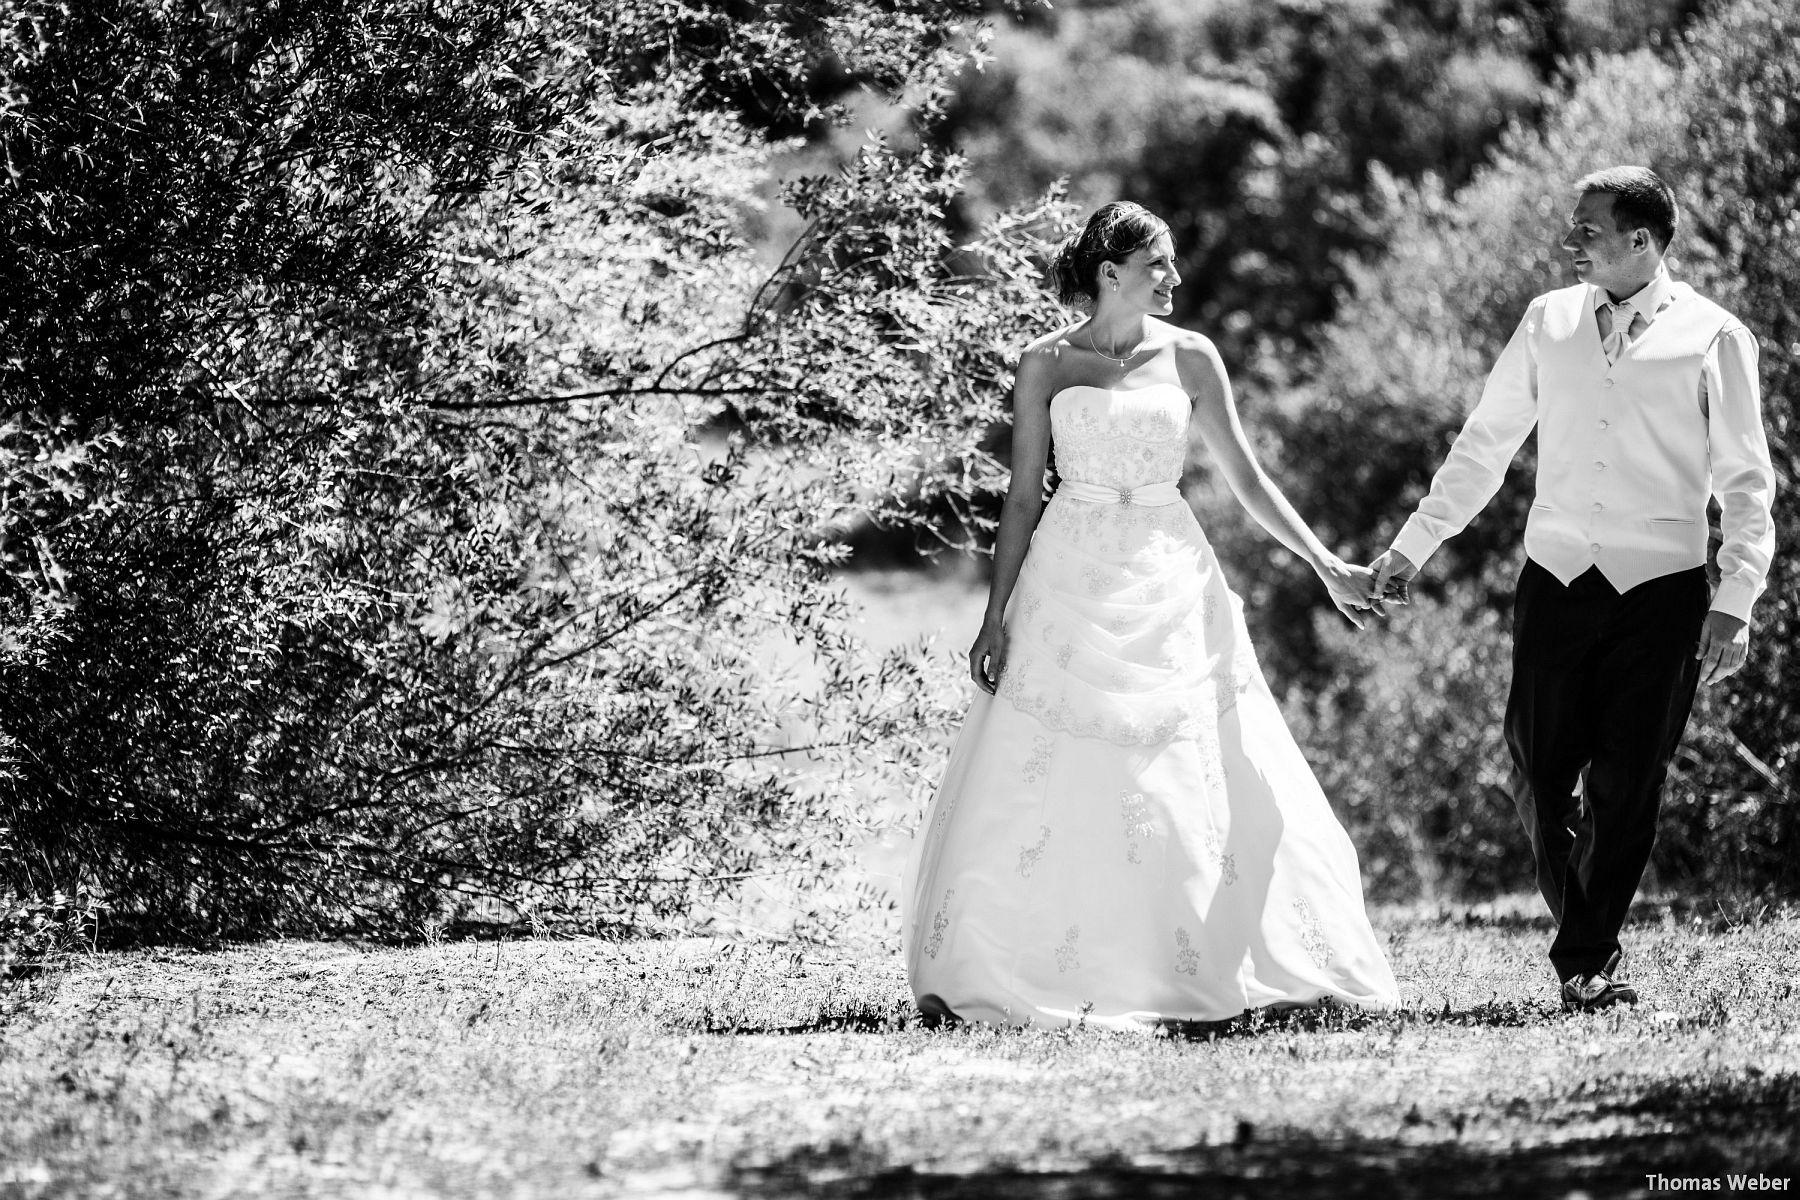 Hochzeitsfotograf Thomas Weber aus Oldenburg: Hochzeitsfotos und Paarfotos auf Mallorca (6)